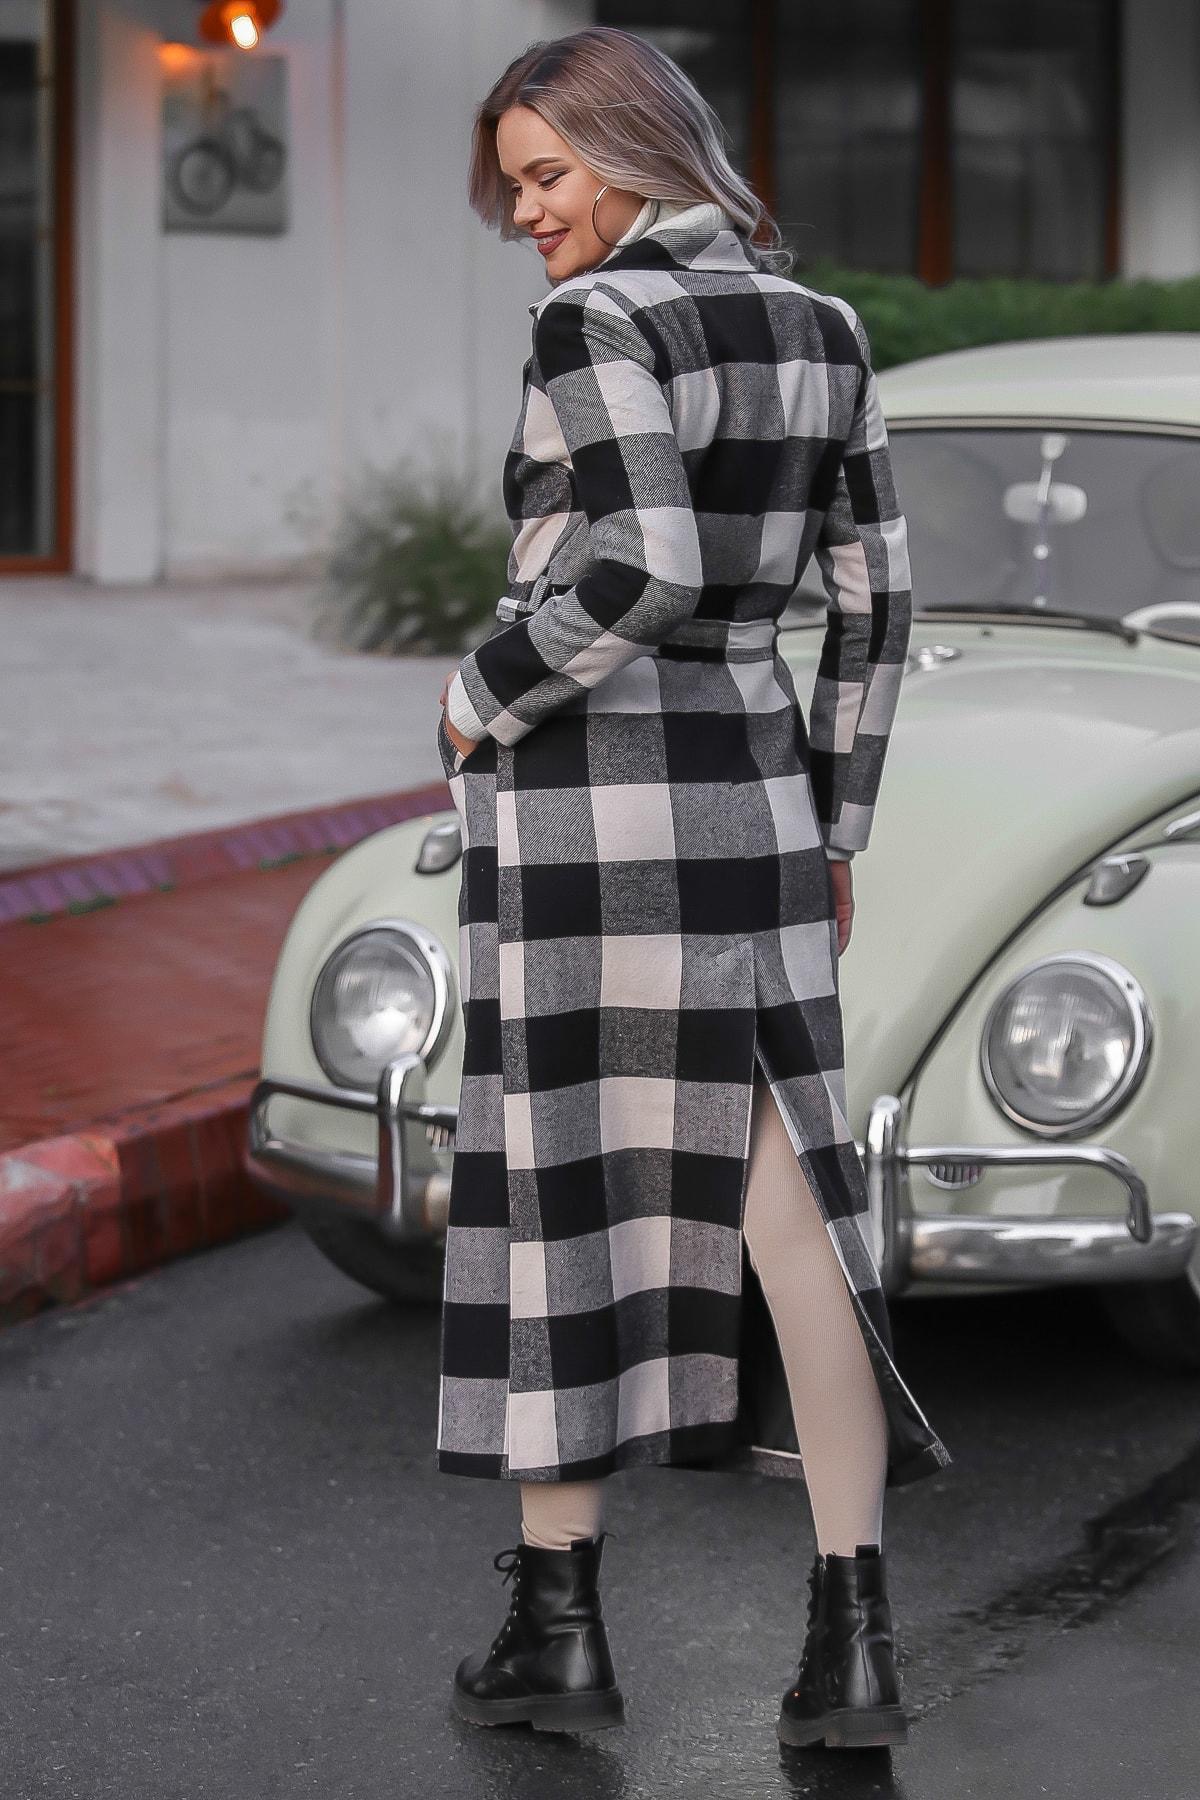 Chiccy Kadın Siyah-Ekru Klasik Ceket Yakalı Ekose Cepli Astarlı Yırtmaçlı Uzun Kaşe Kaban M10210200KA99841 4